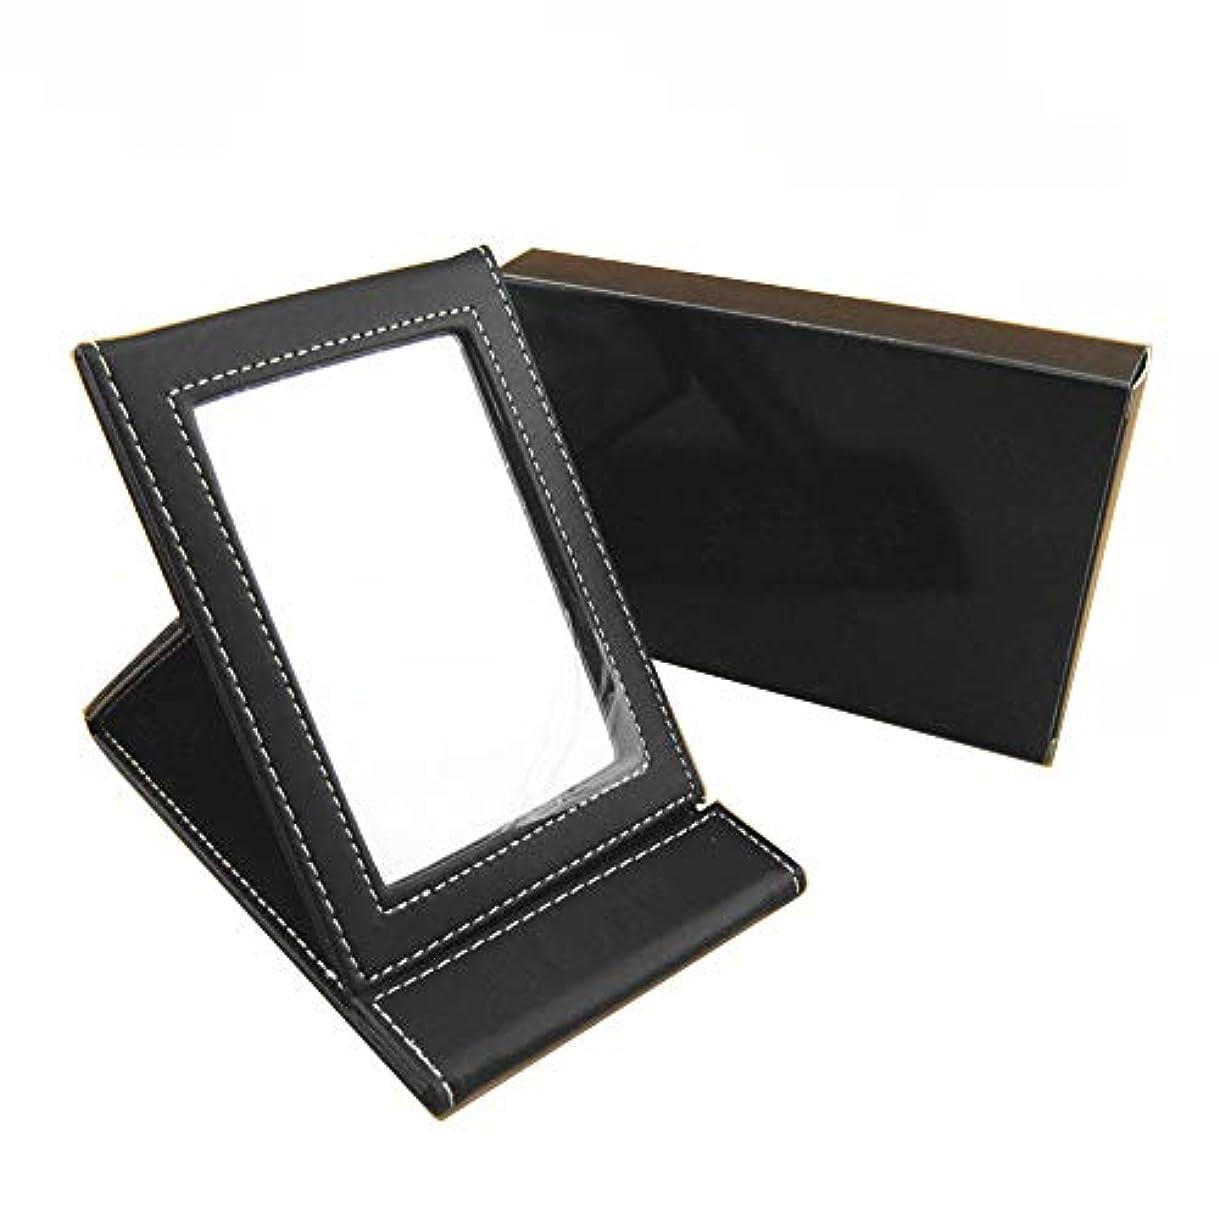 形春リップCikoume 化粧鏡 折り畳み鏡 デスクトップ ミラー 携帯 A4サイズ 卓上 鏡 上質PUレザー使用 【ブラック】